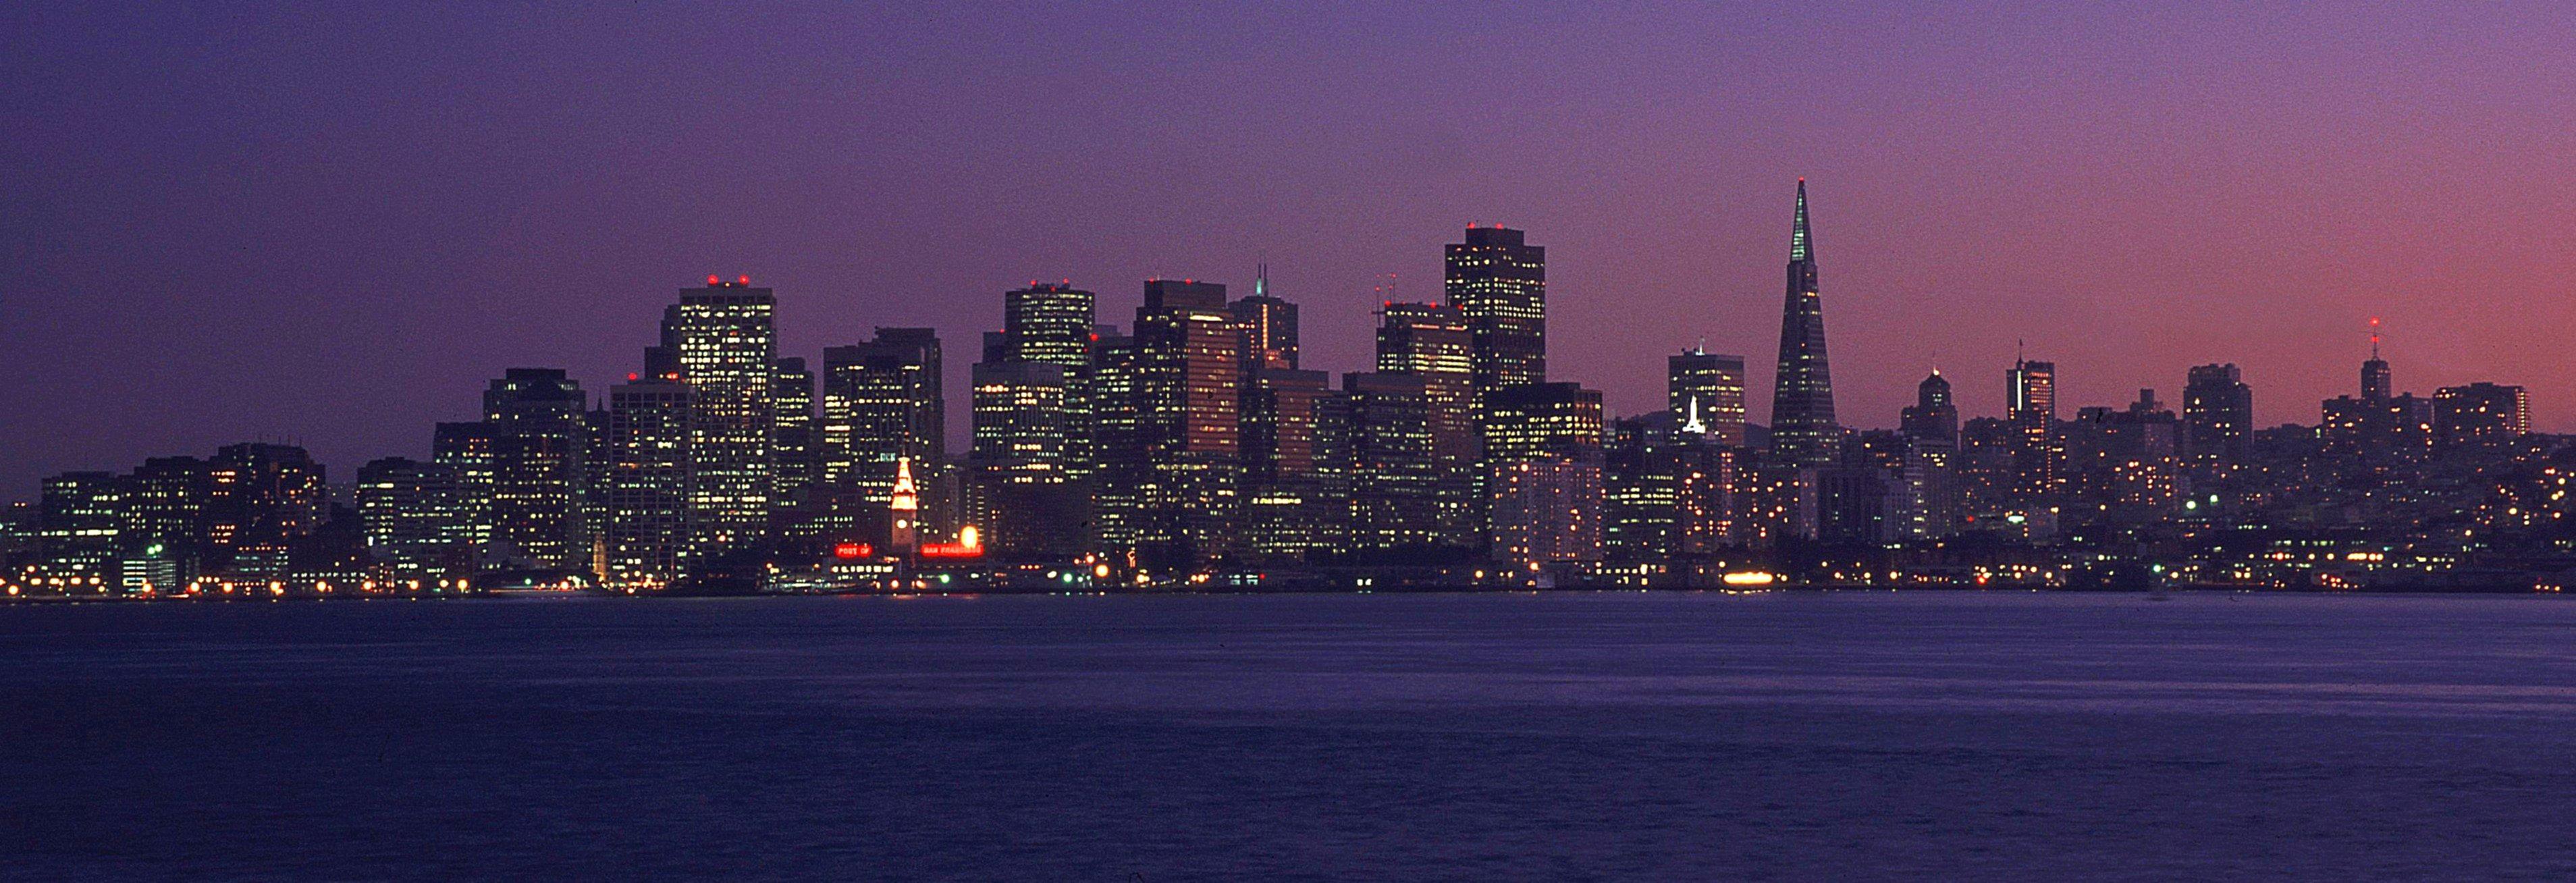 San_Francisco_at_night,_pan